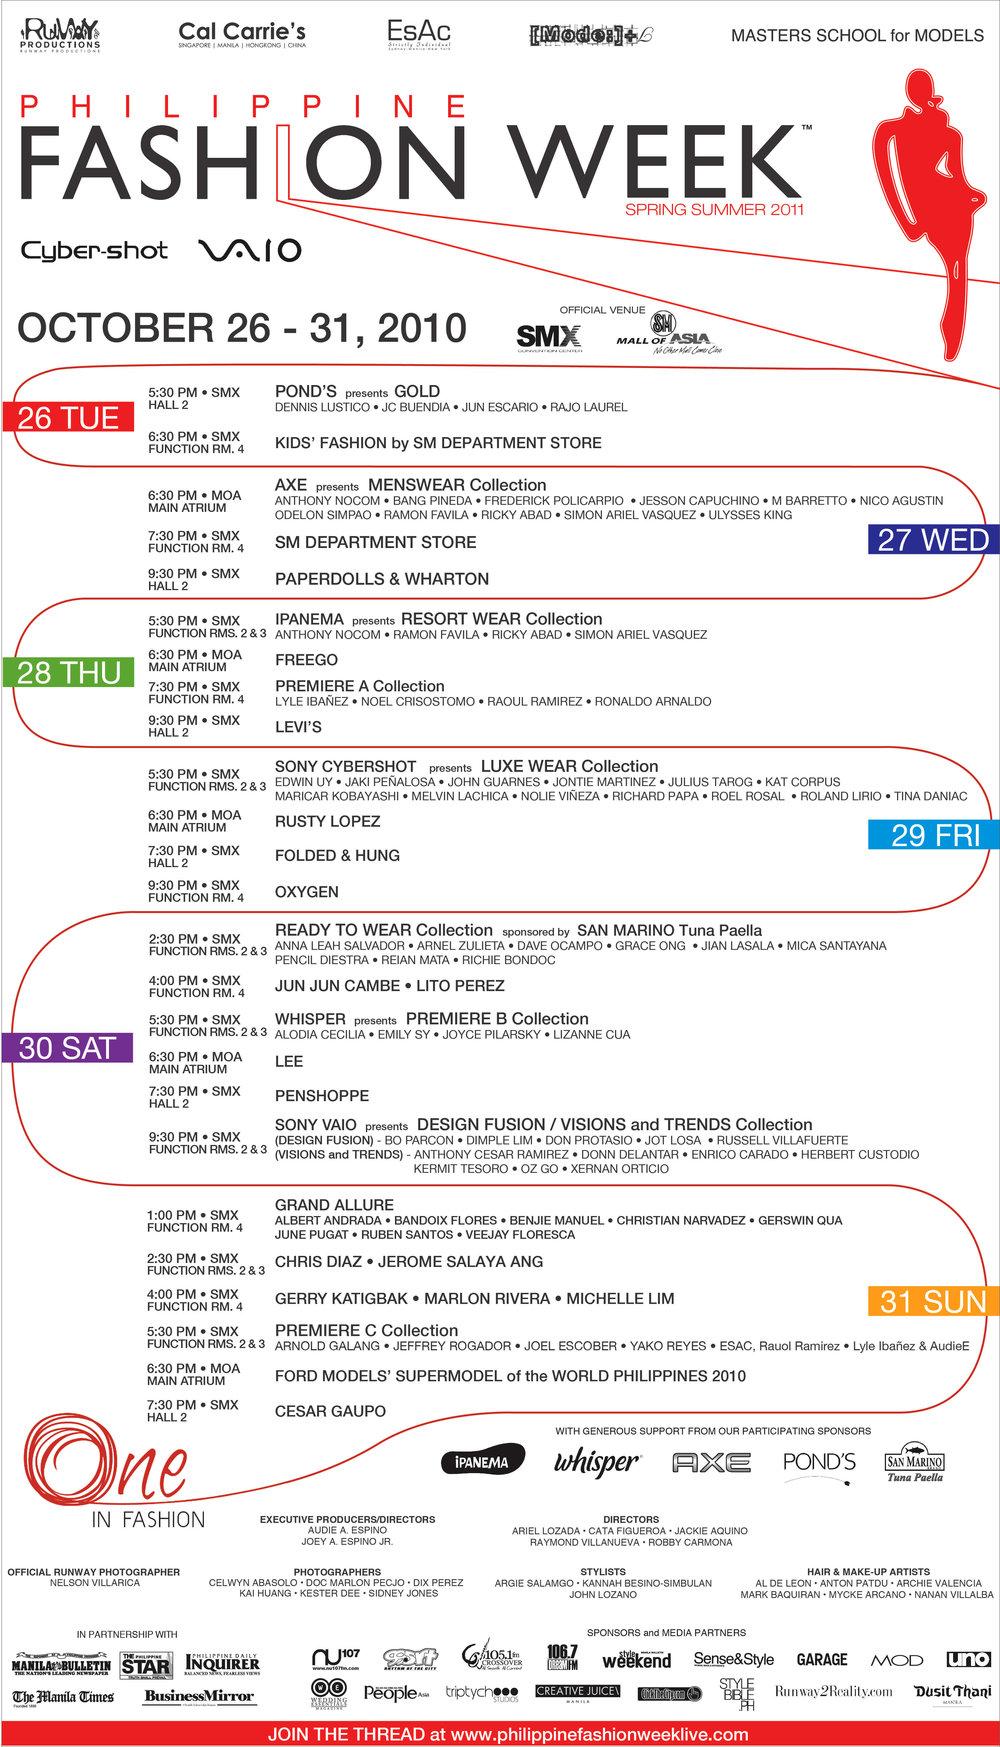 PhFW Spring Summer 2011 Show Schedule.jpg